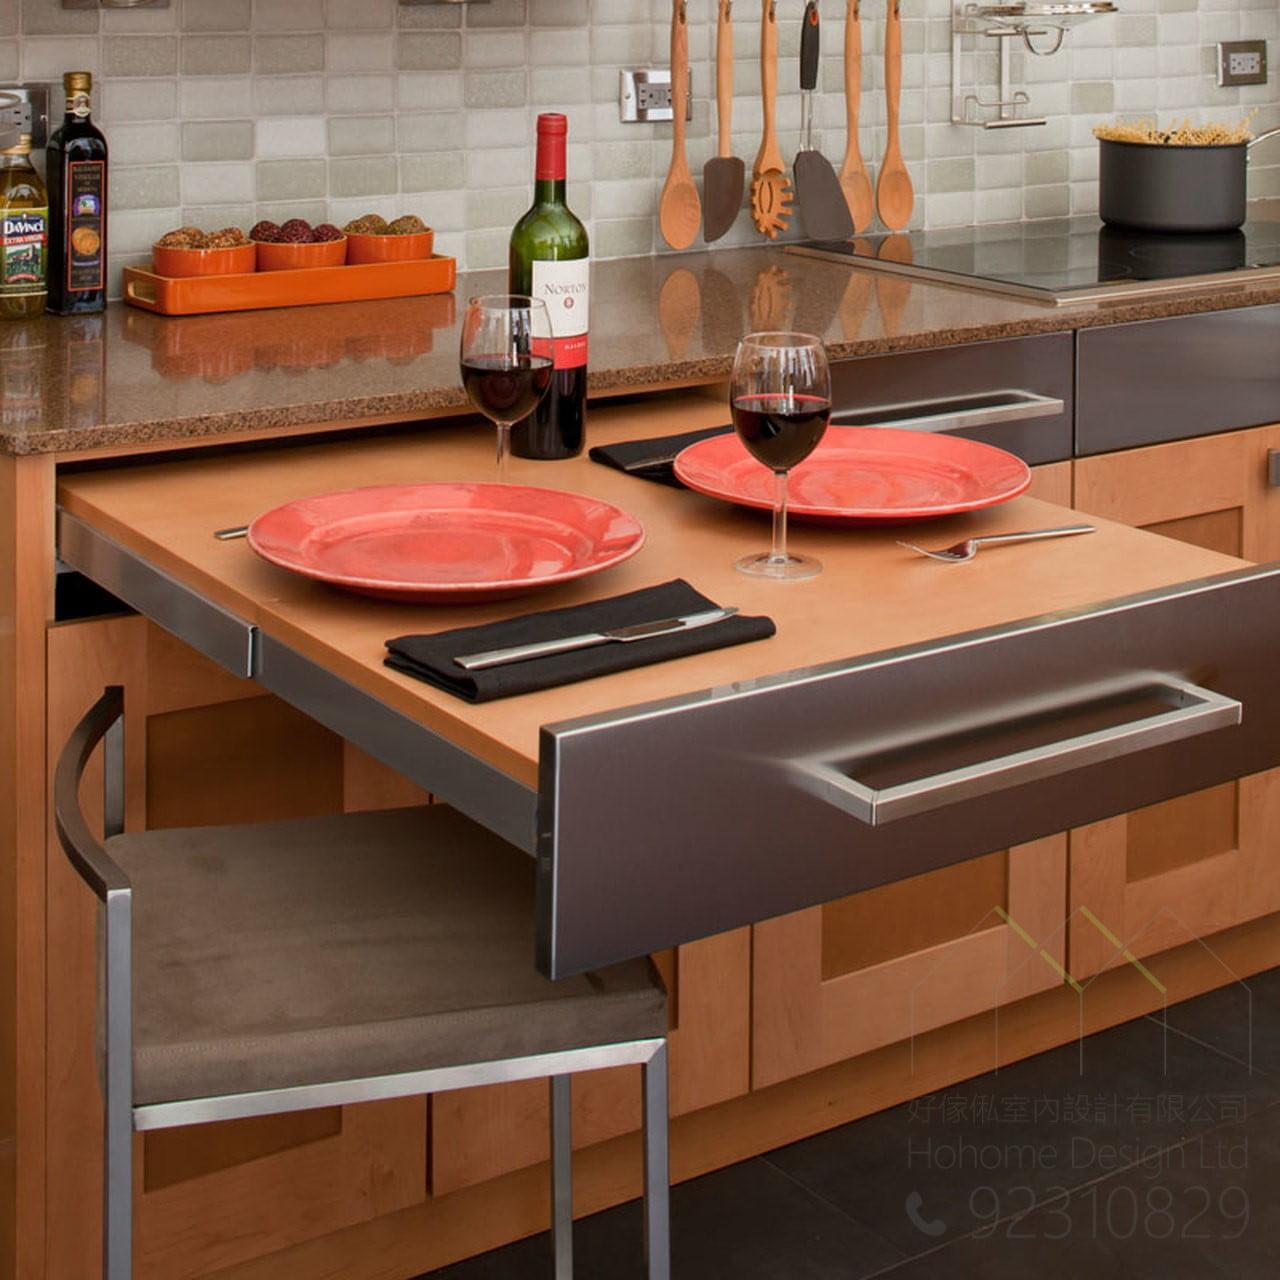 加長自動升降伸縮枱,適合應用在訂造伸縮枱、儲物櫃及廚櫃或其他由我們設計師建議的訂造傢俬之上